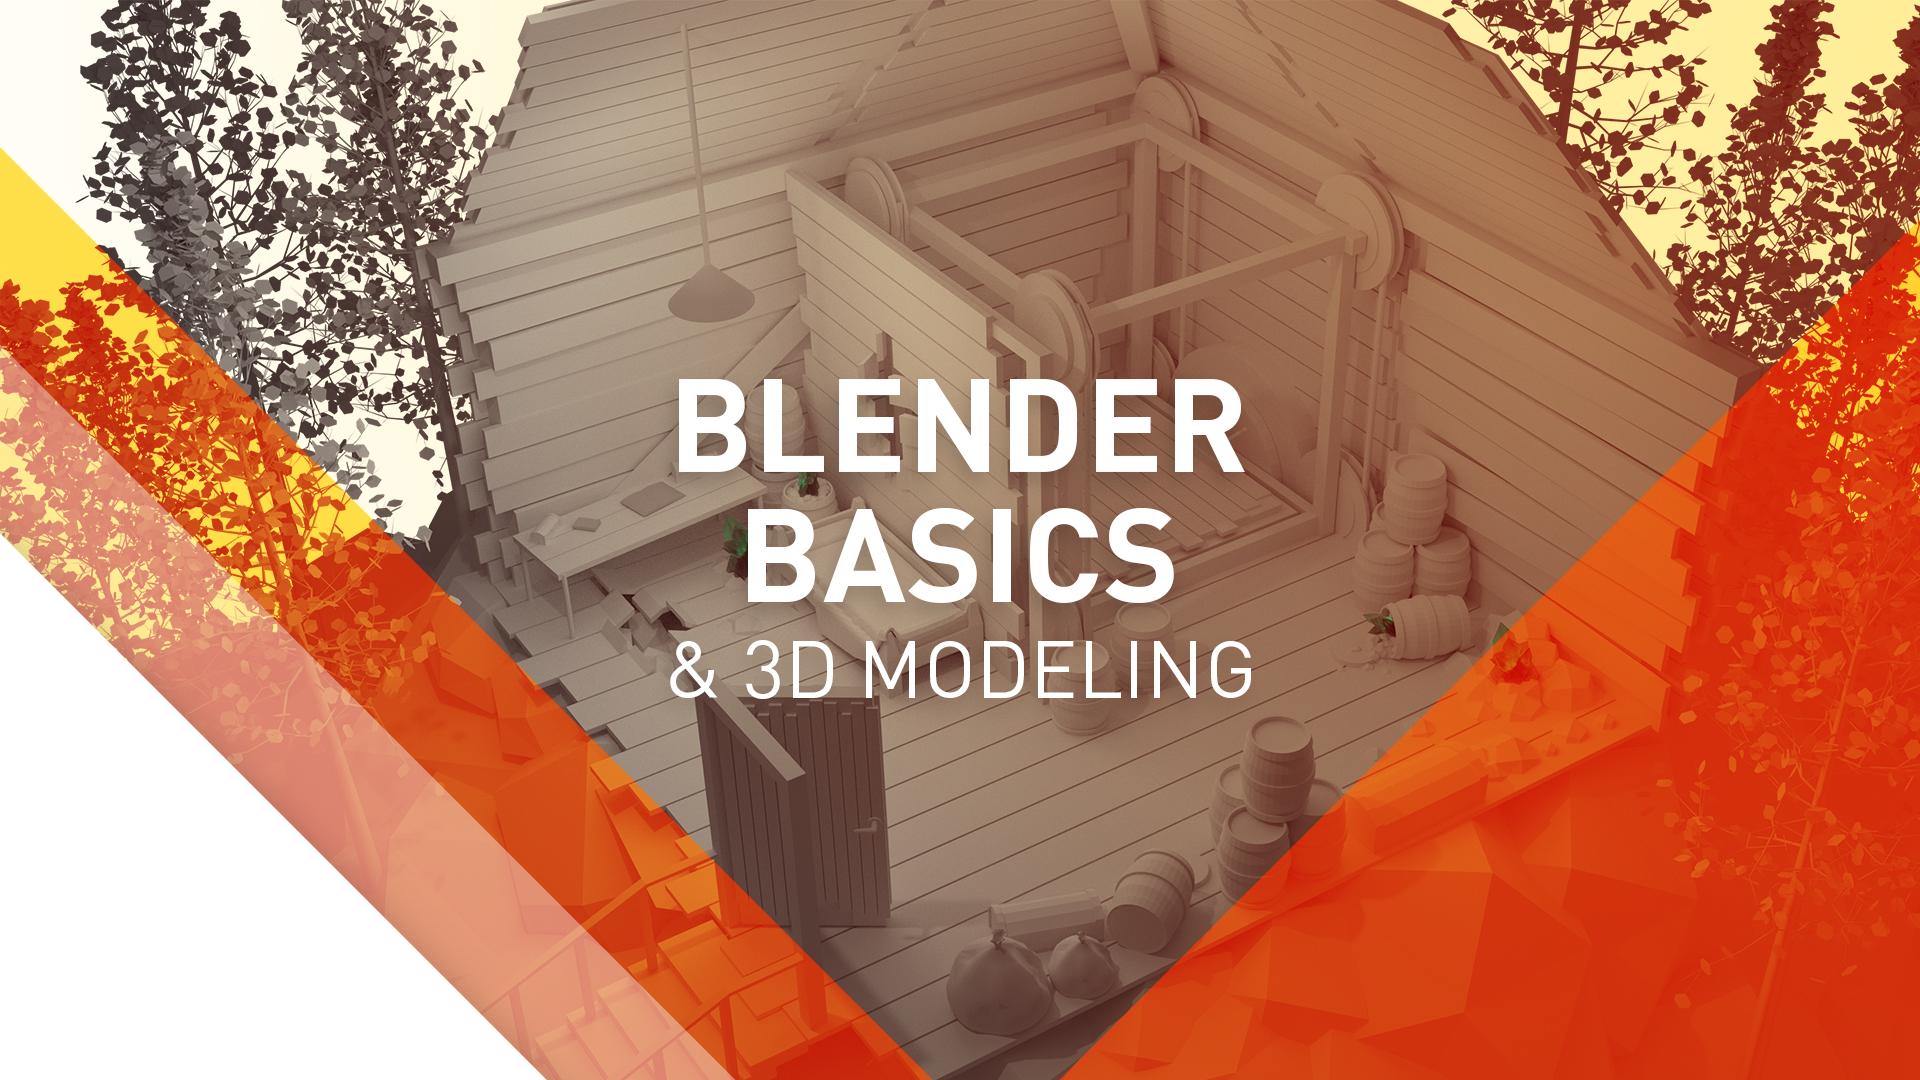 blender basics banner